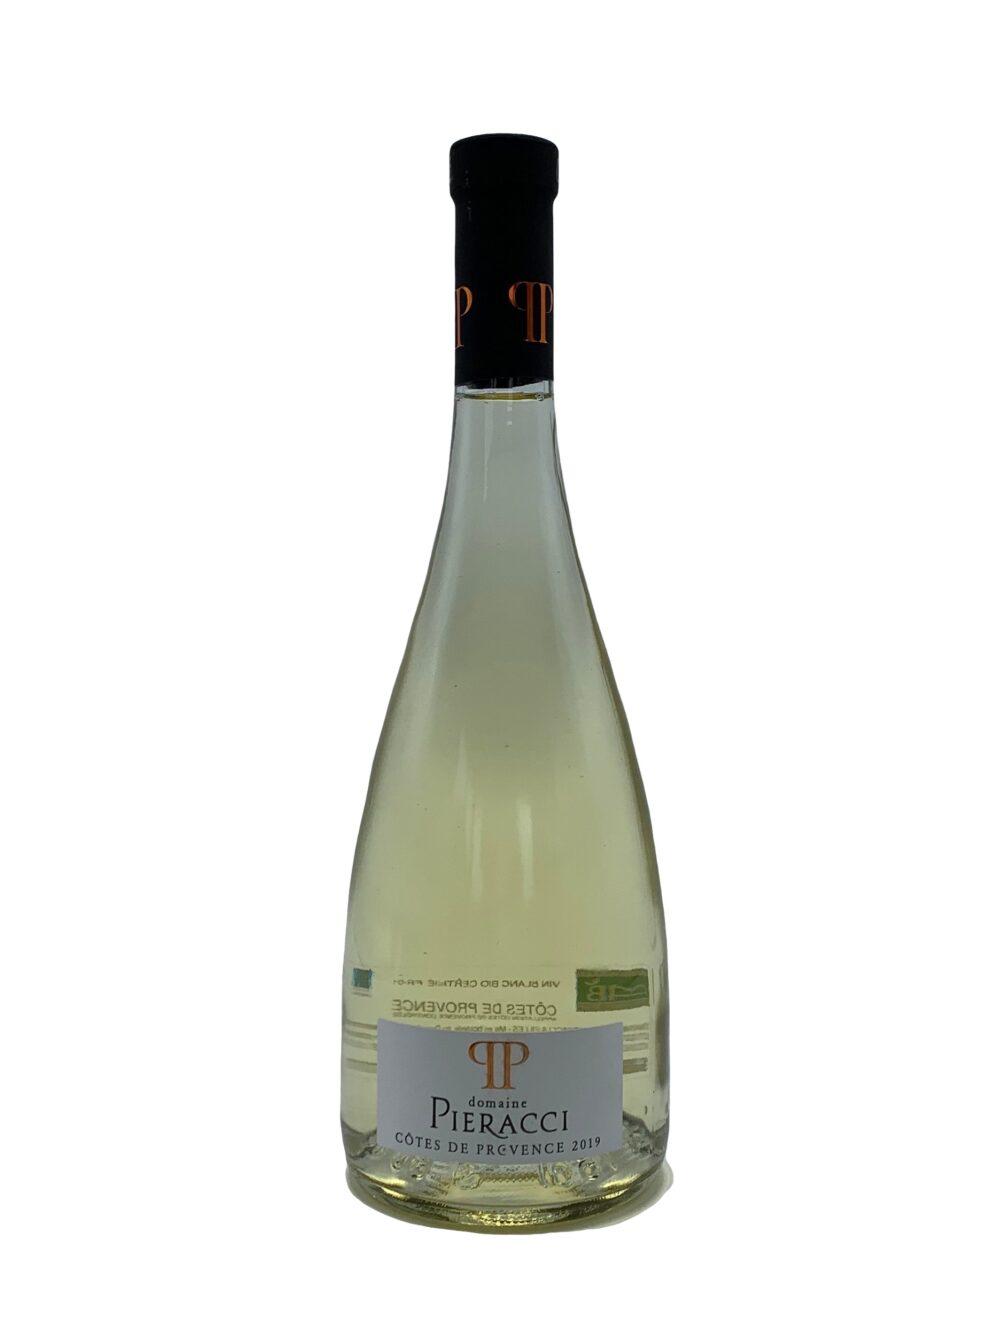 Côtes de Provence Pieracci blanc